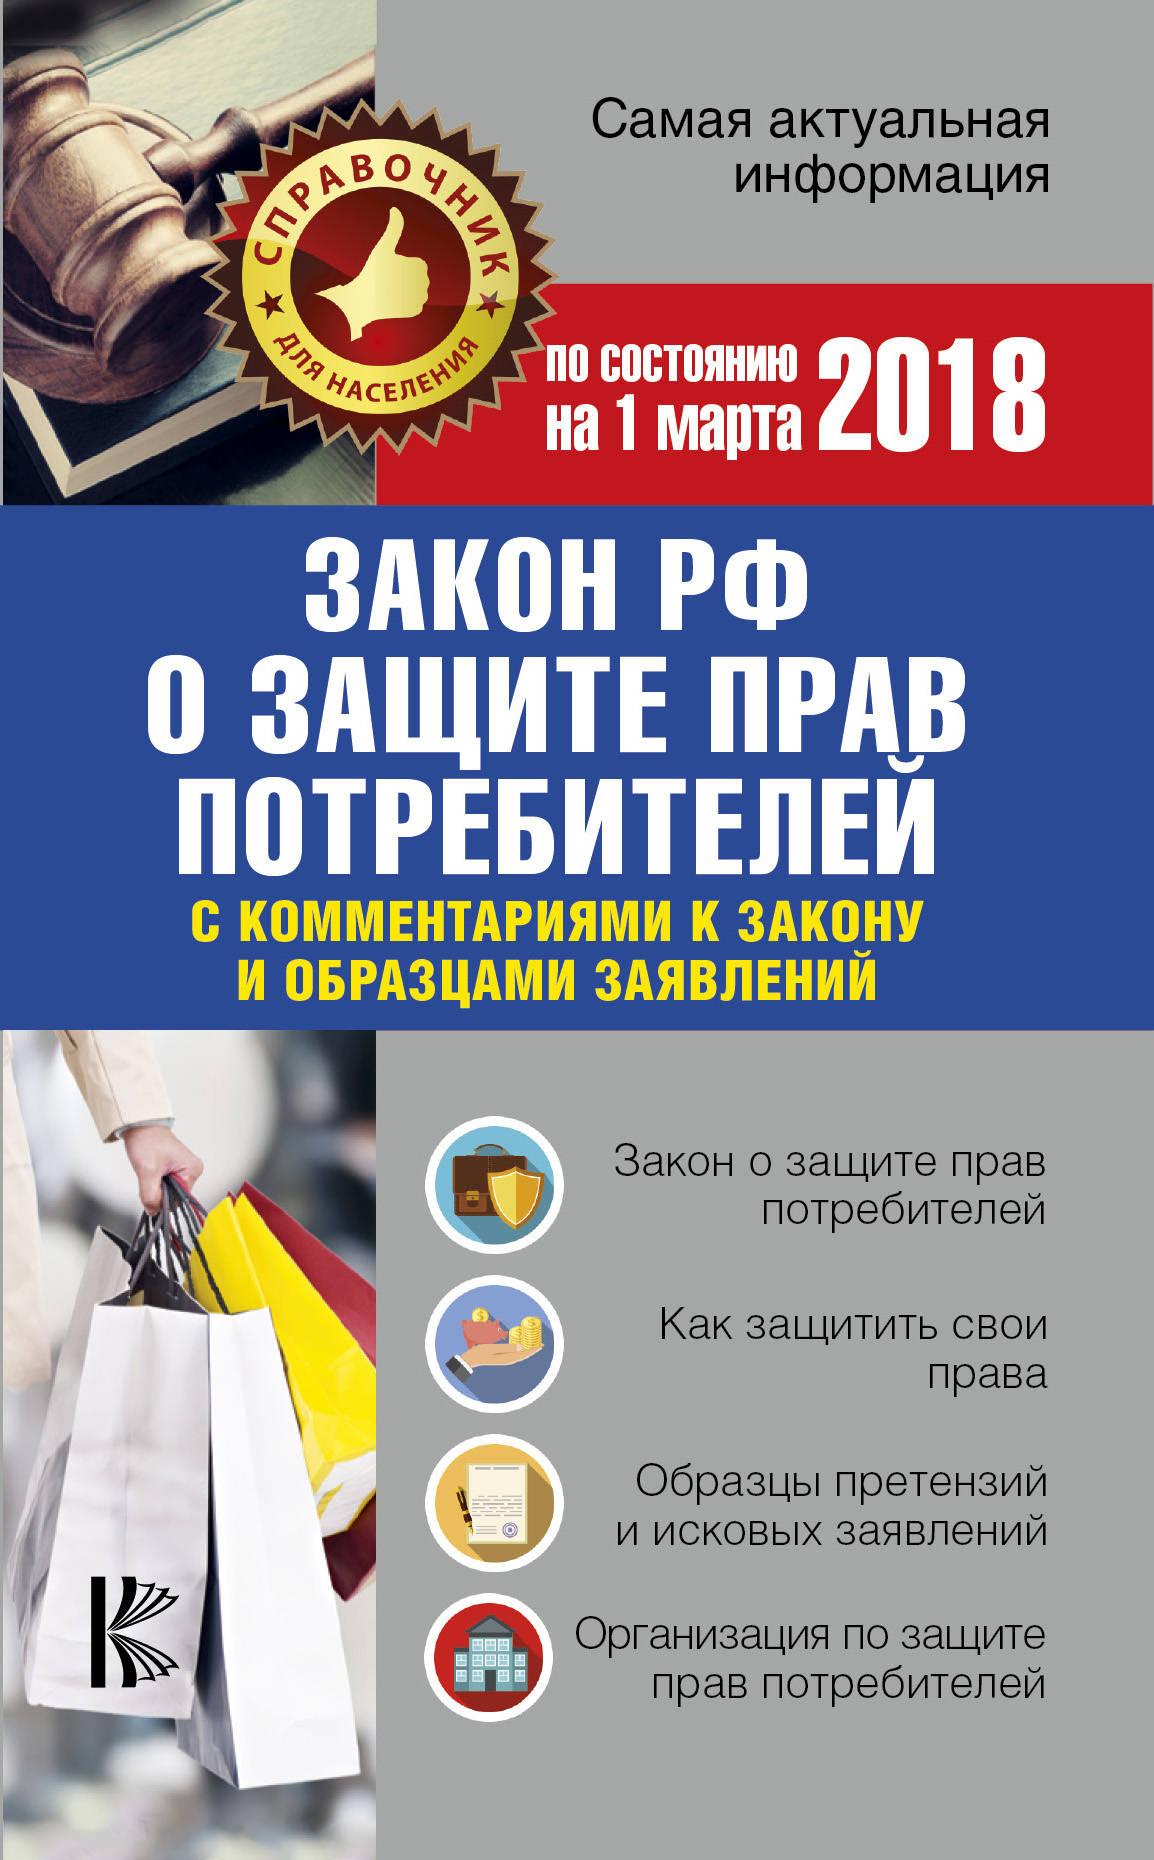 Закон РФ О защите прав потребителей с комментариями к закону и образцами заявлений на 01.03.2018 год